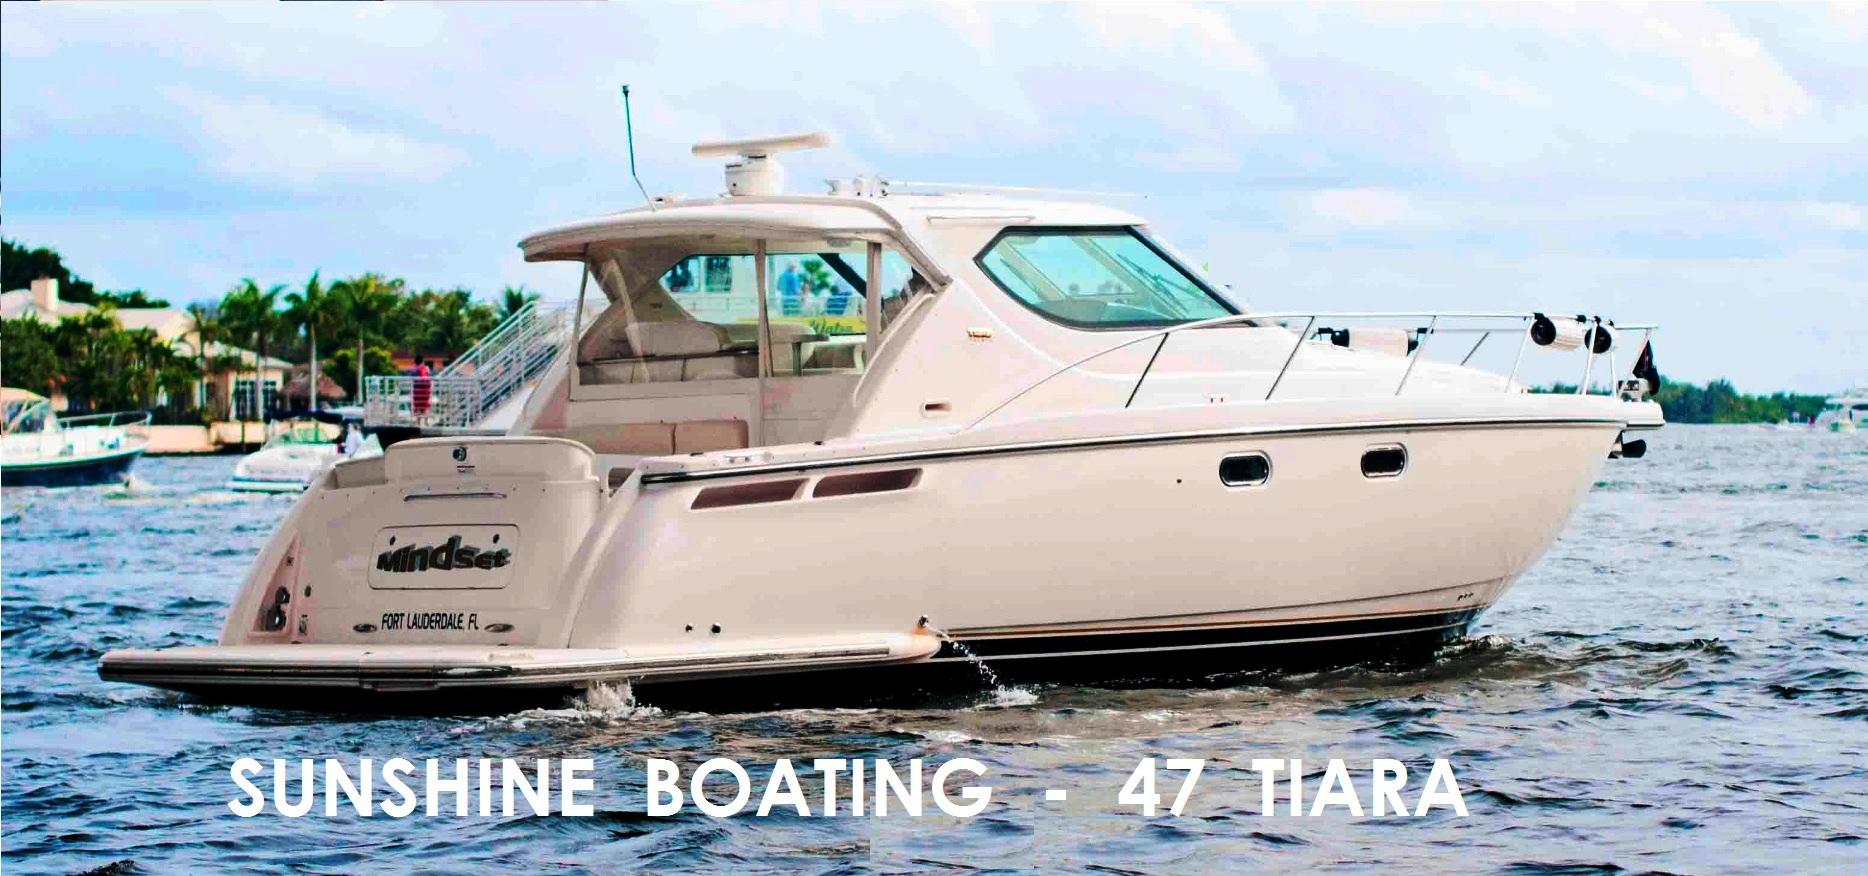 sunshine-boating-47-tiara-4